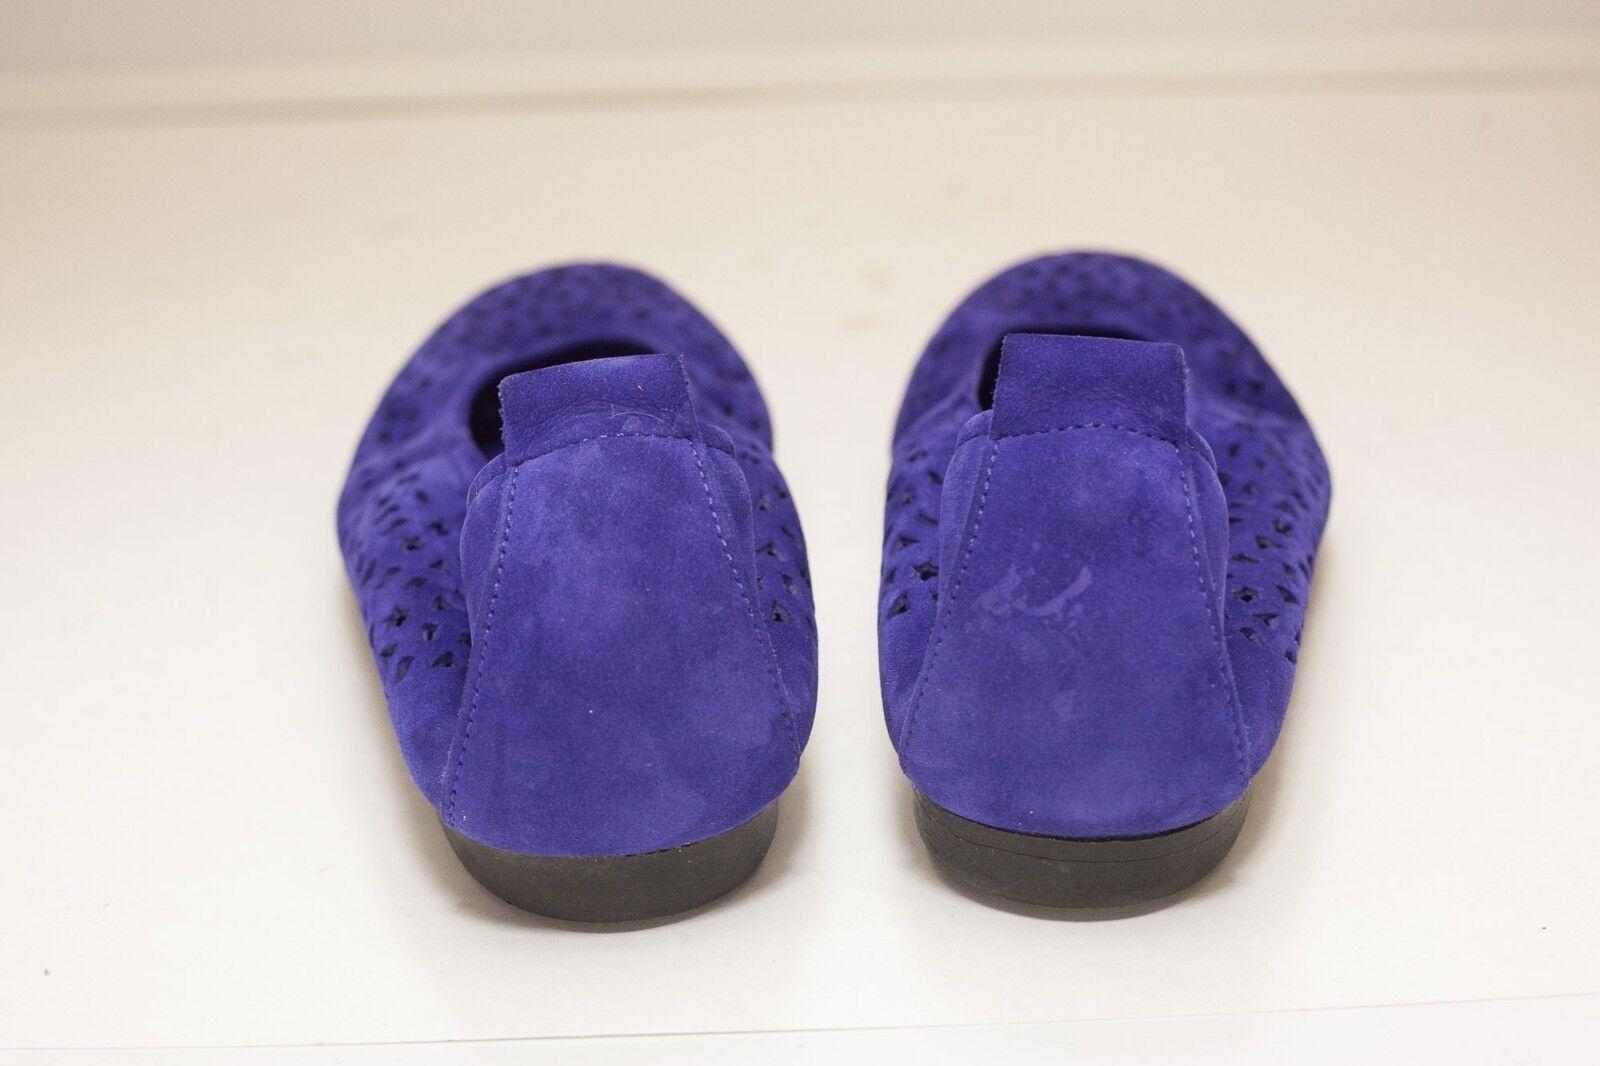 Arche Lily púrpura 6 Suede Flats US 6 púrpura EUR 37 18c8c4